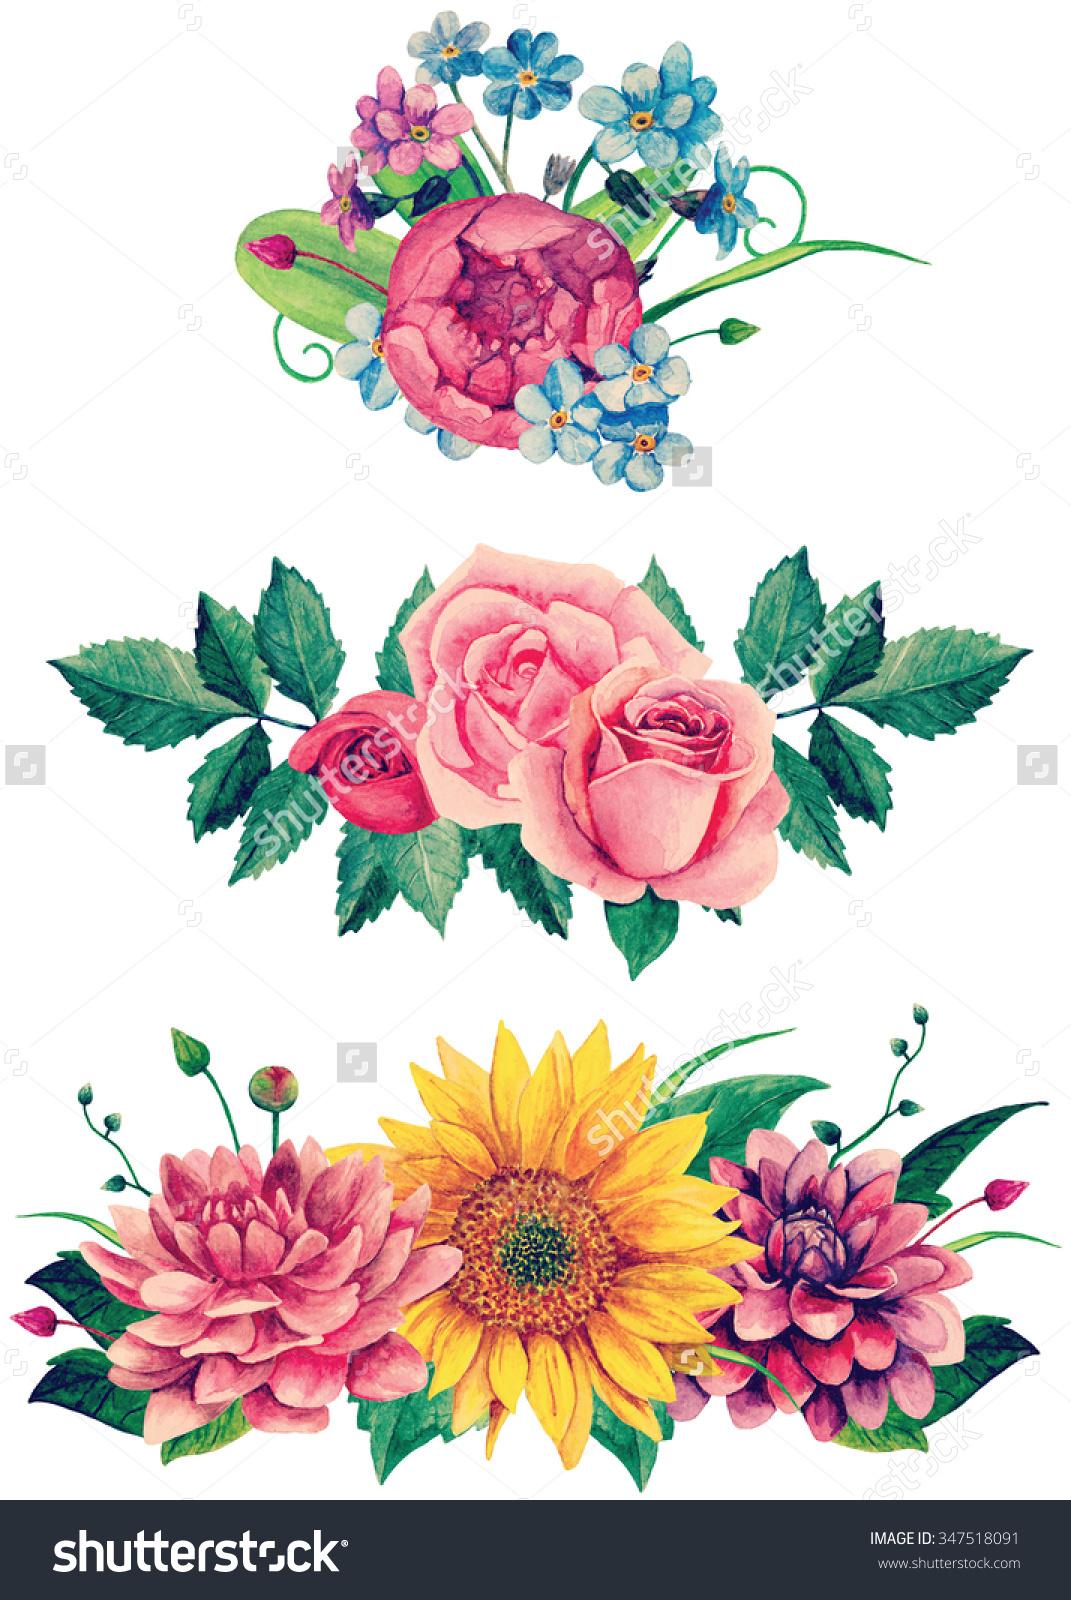 Watercolor Bouquet Clipart Handpainted Flowers Clip Stock.